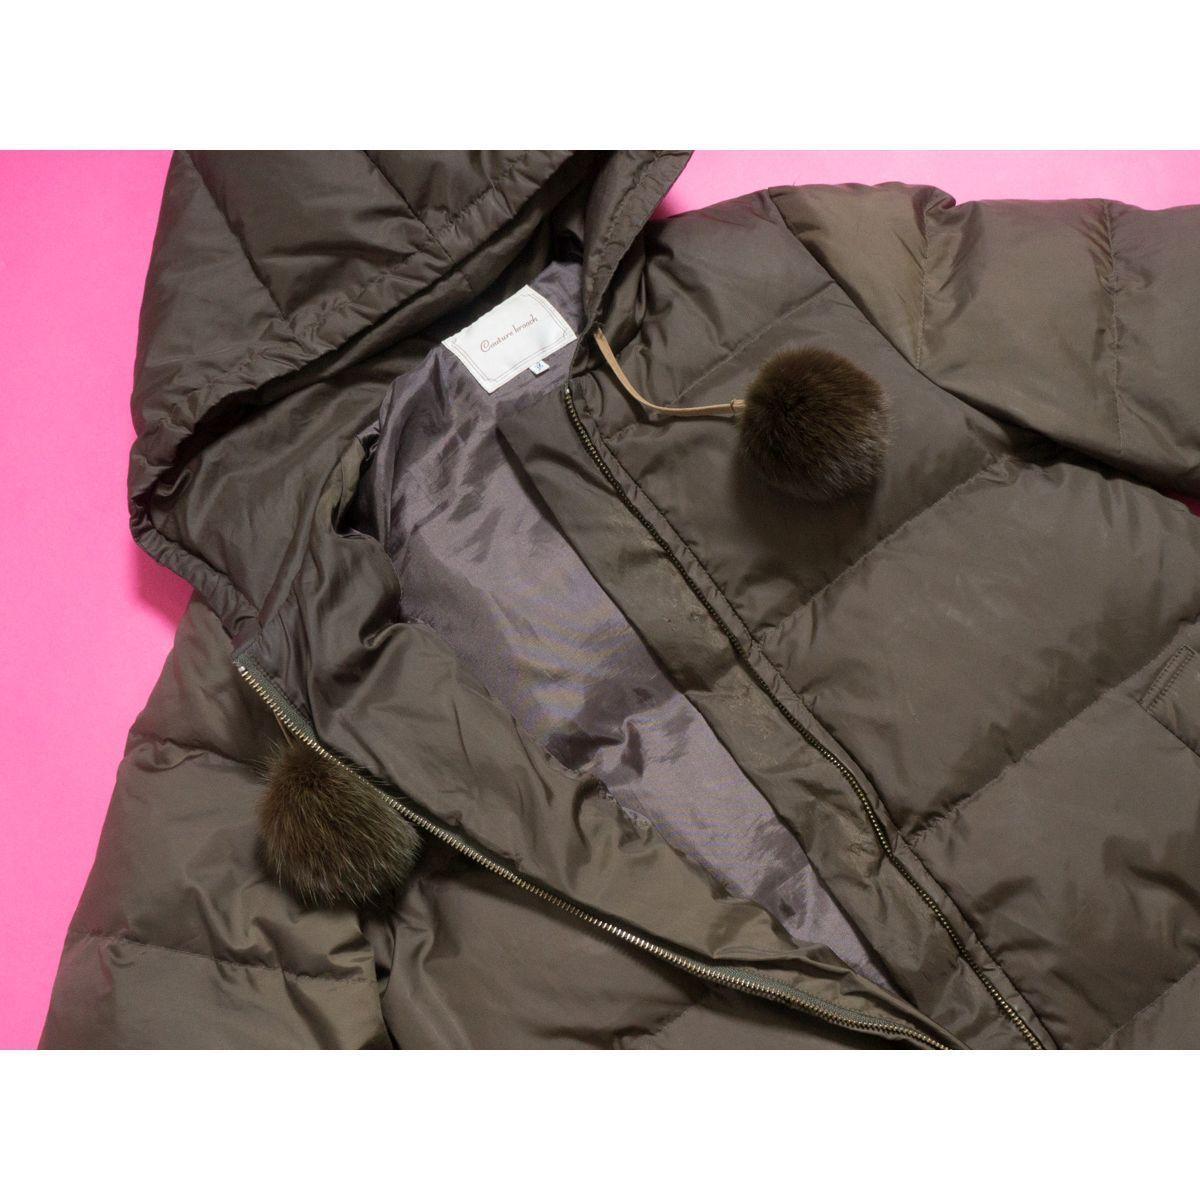 Couture brooch ダウンジャケット リアルファー ラビットファー 防寒 ジャンパー カジュアル かわいい クチュールブローチ 38 カーキ_画像4